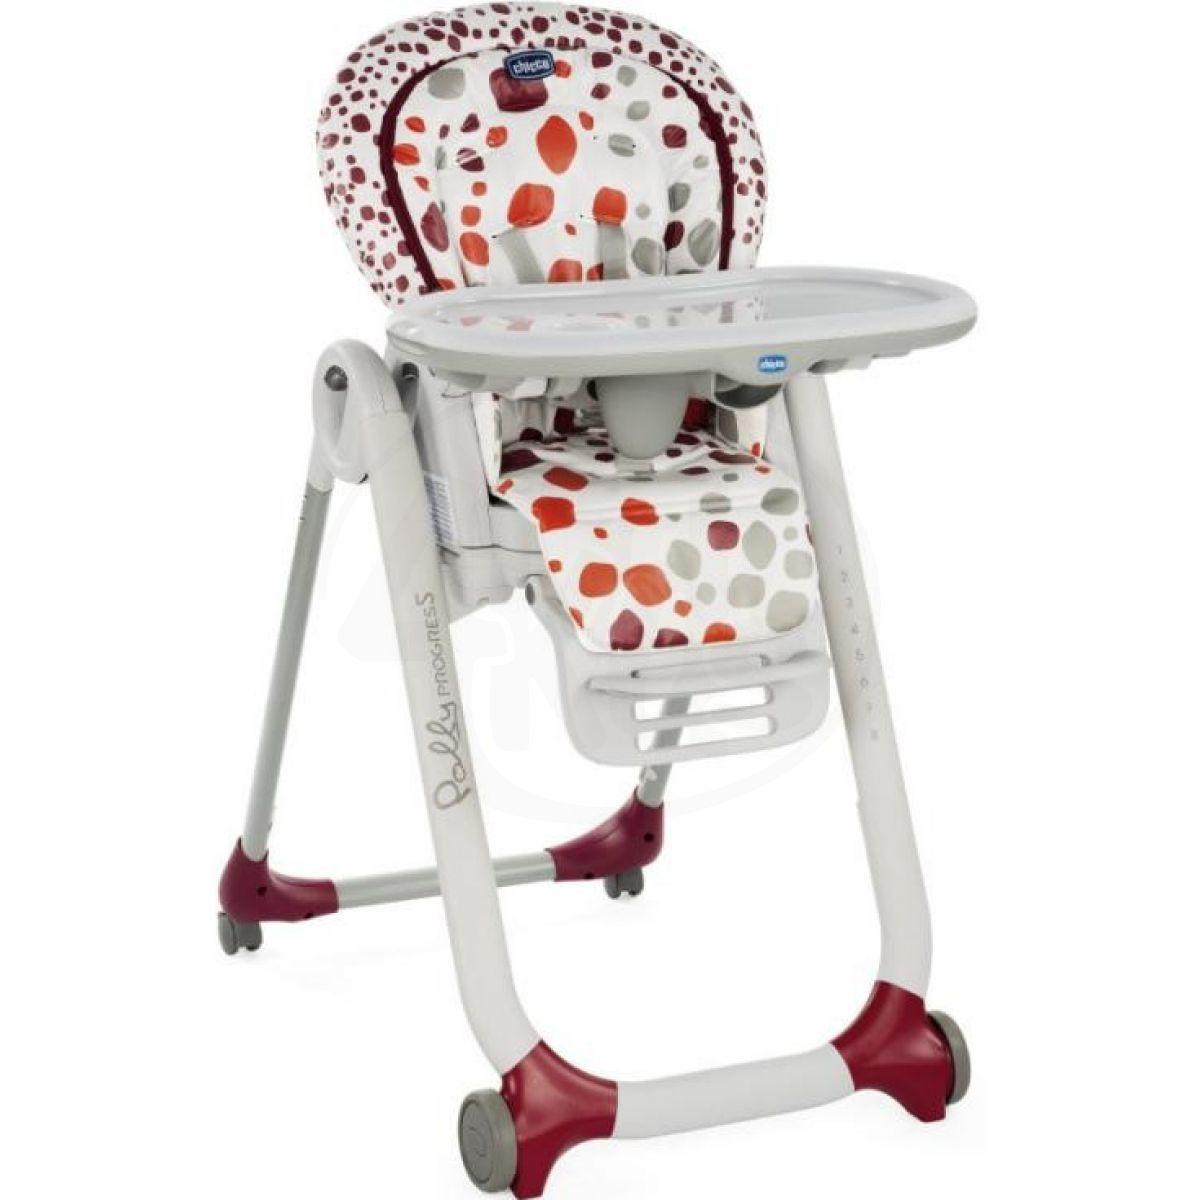 Chicco Židlička jídelní Polly Progres5 Cherry